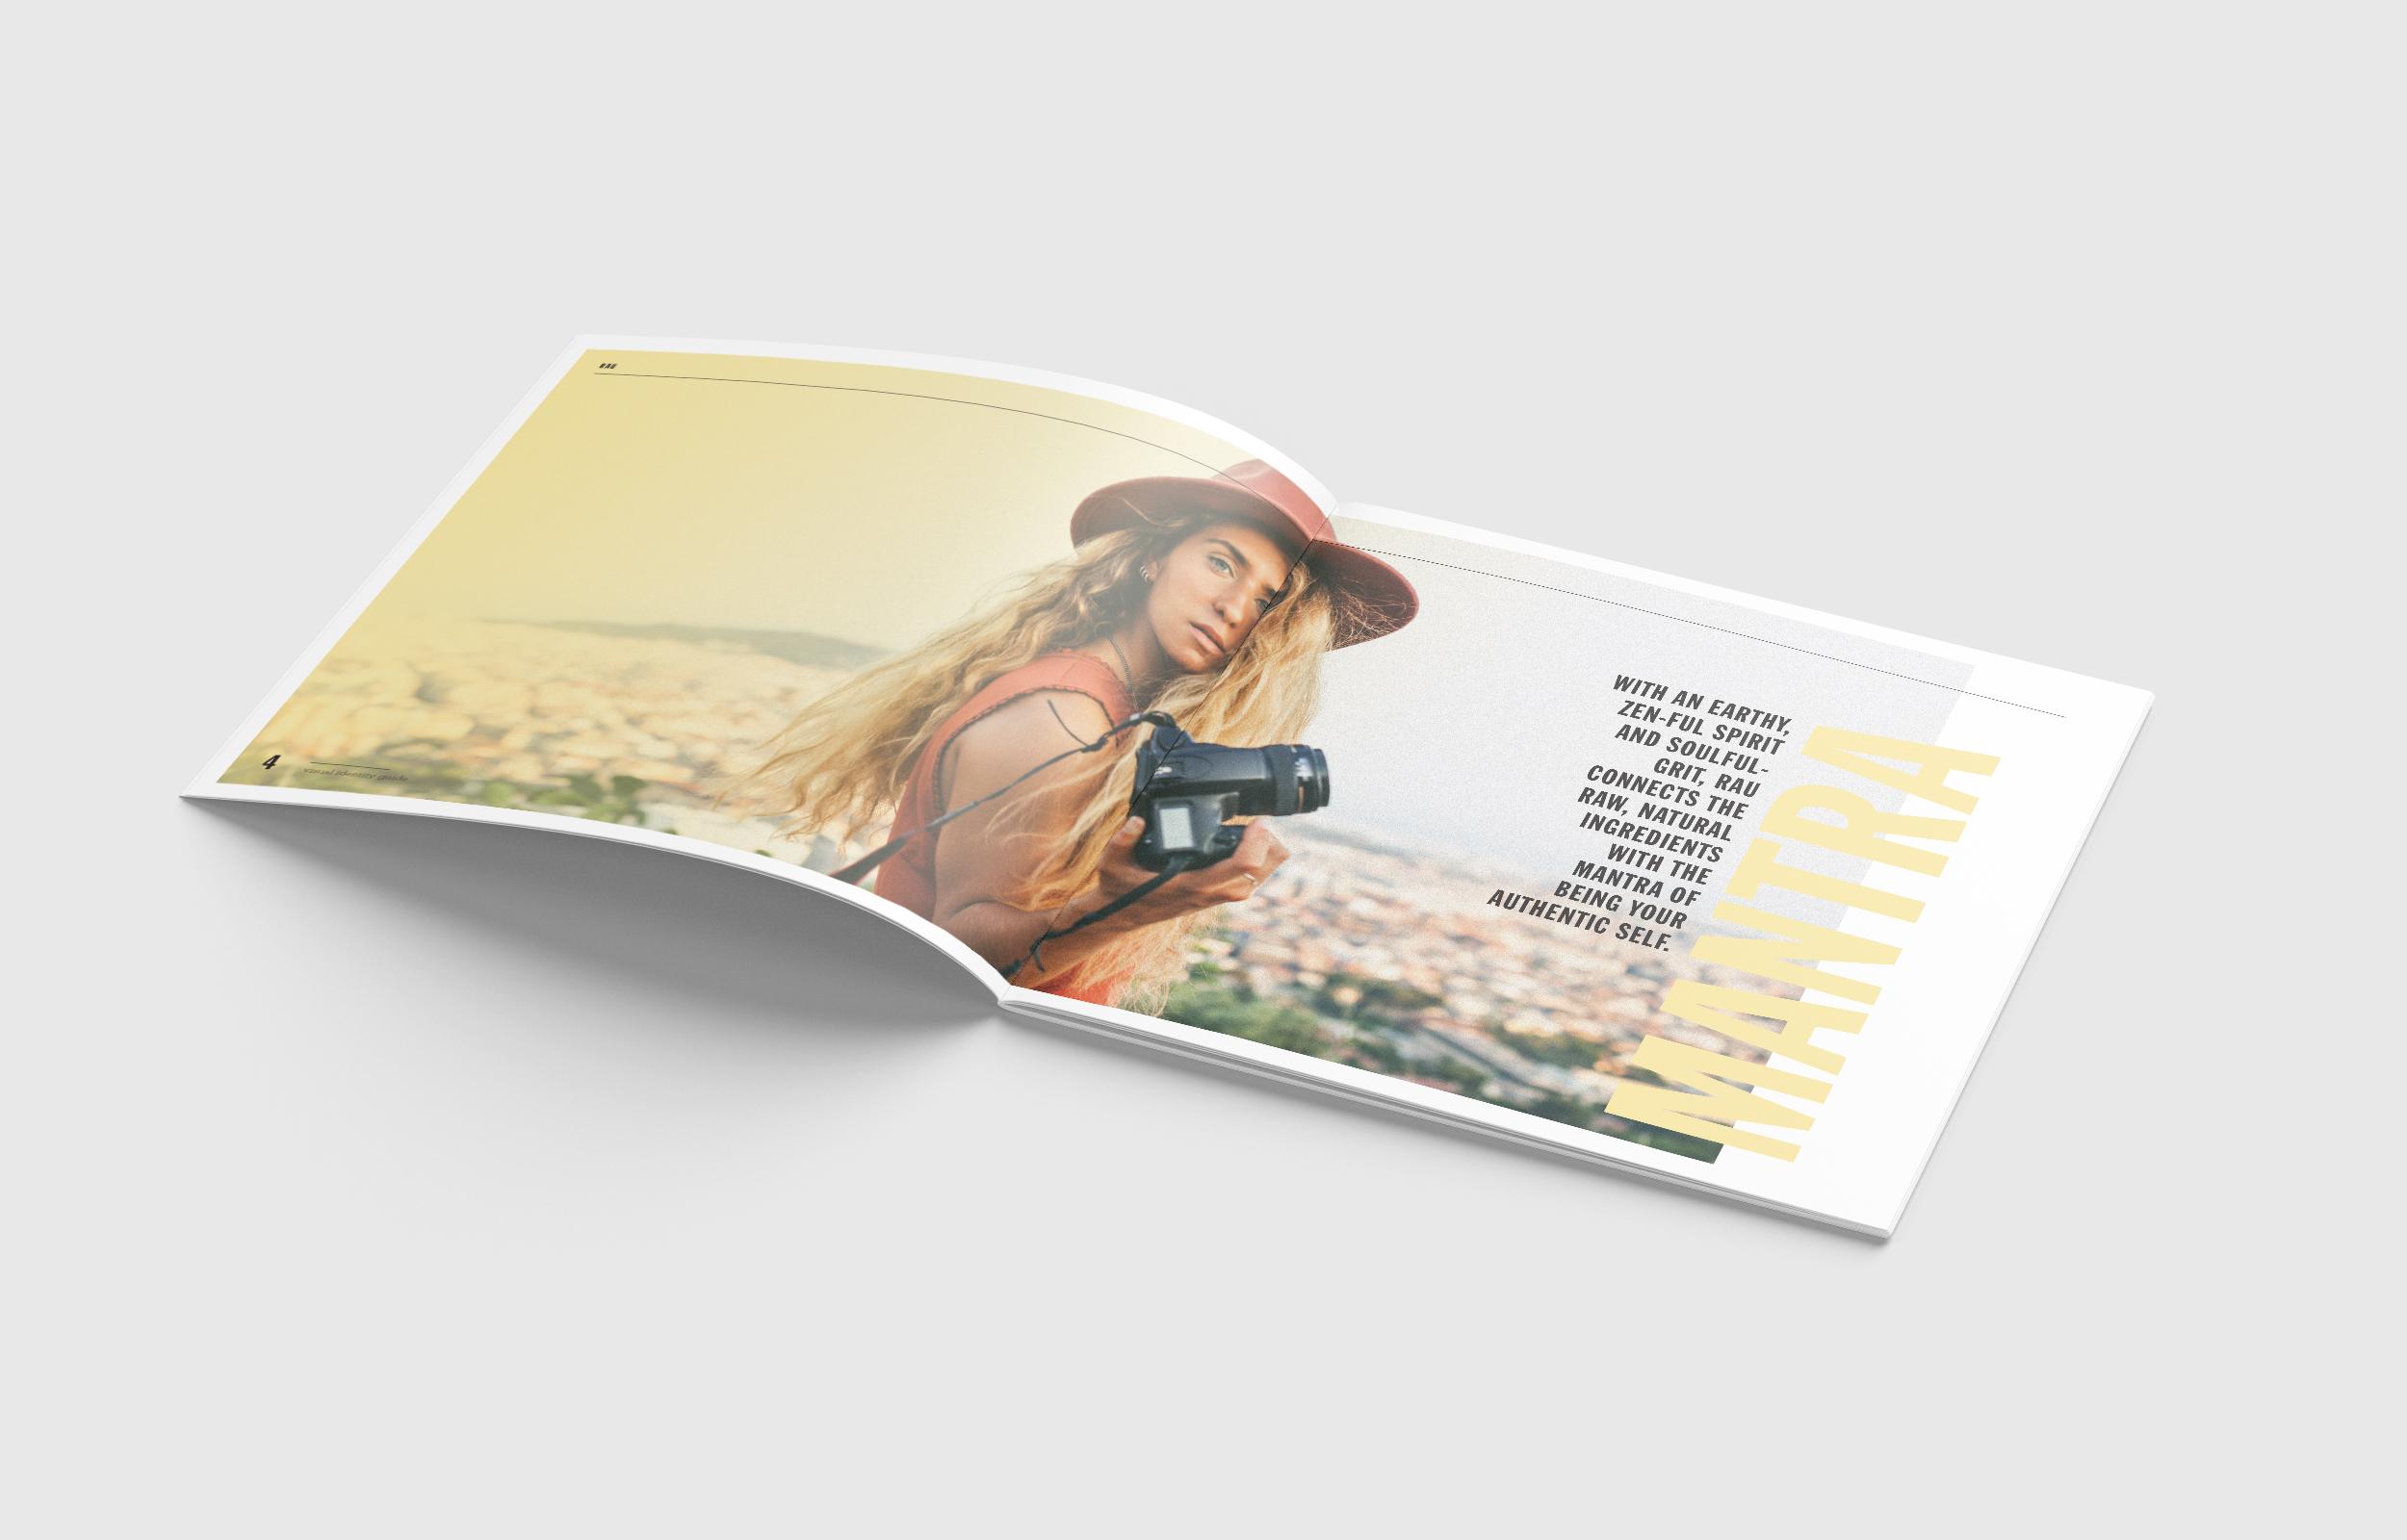 RAU_Book_Mockup_01.jpg